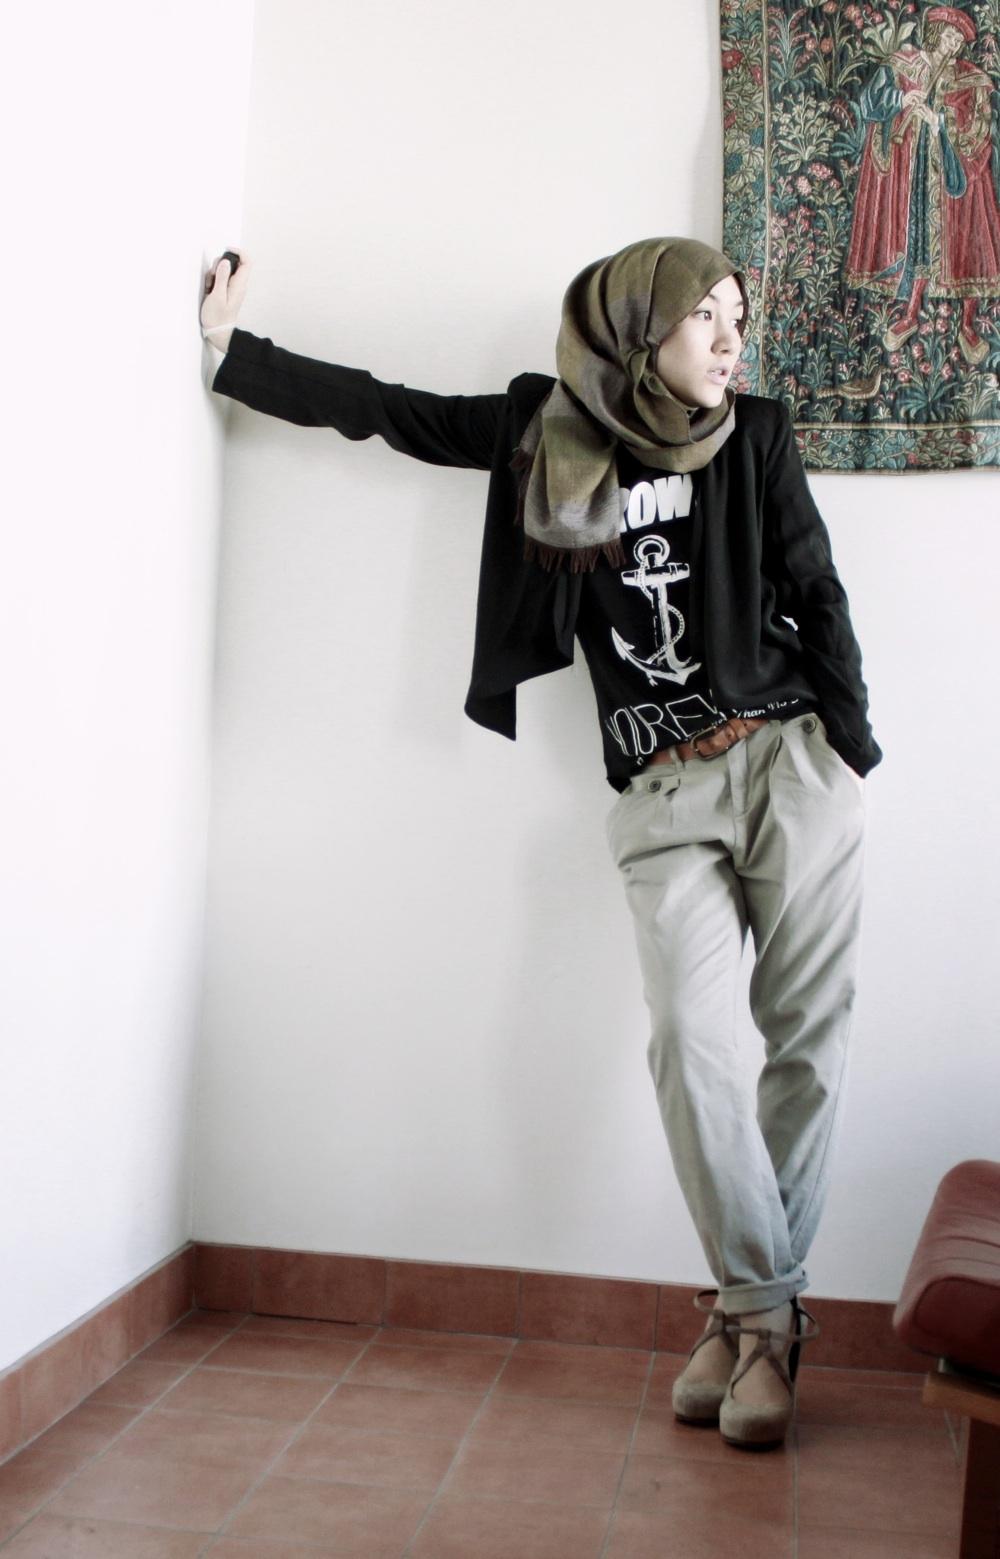 Aprilianworld hana tajima Hijab fashion style hana tajima